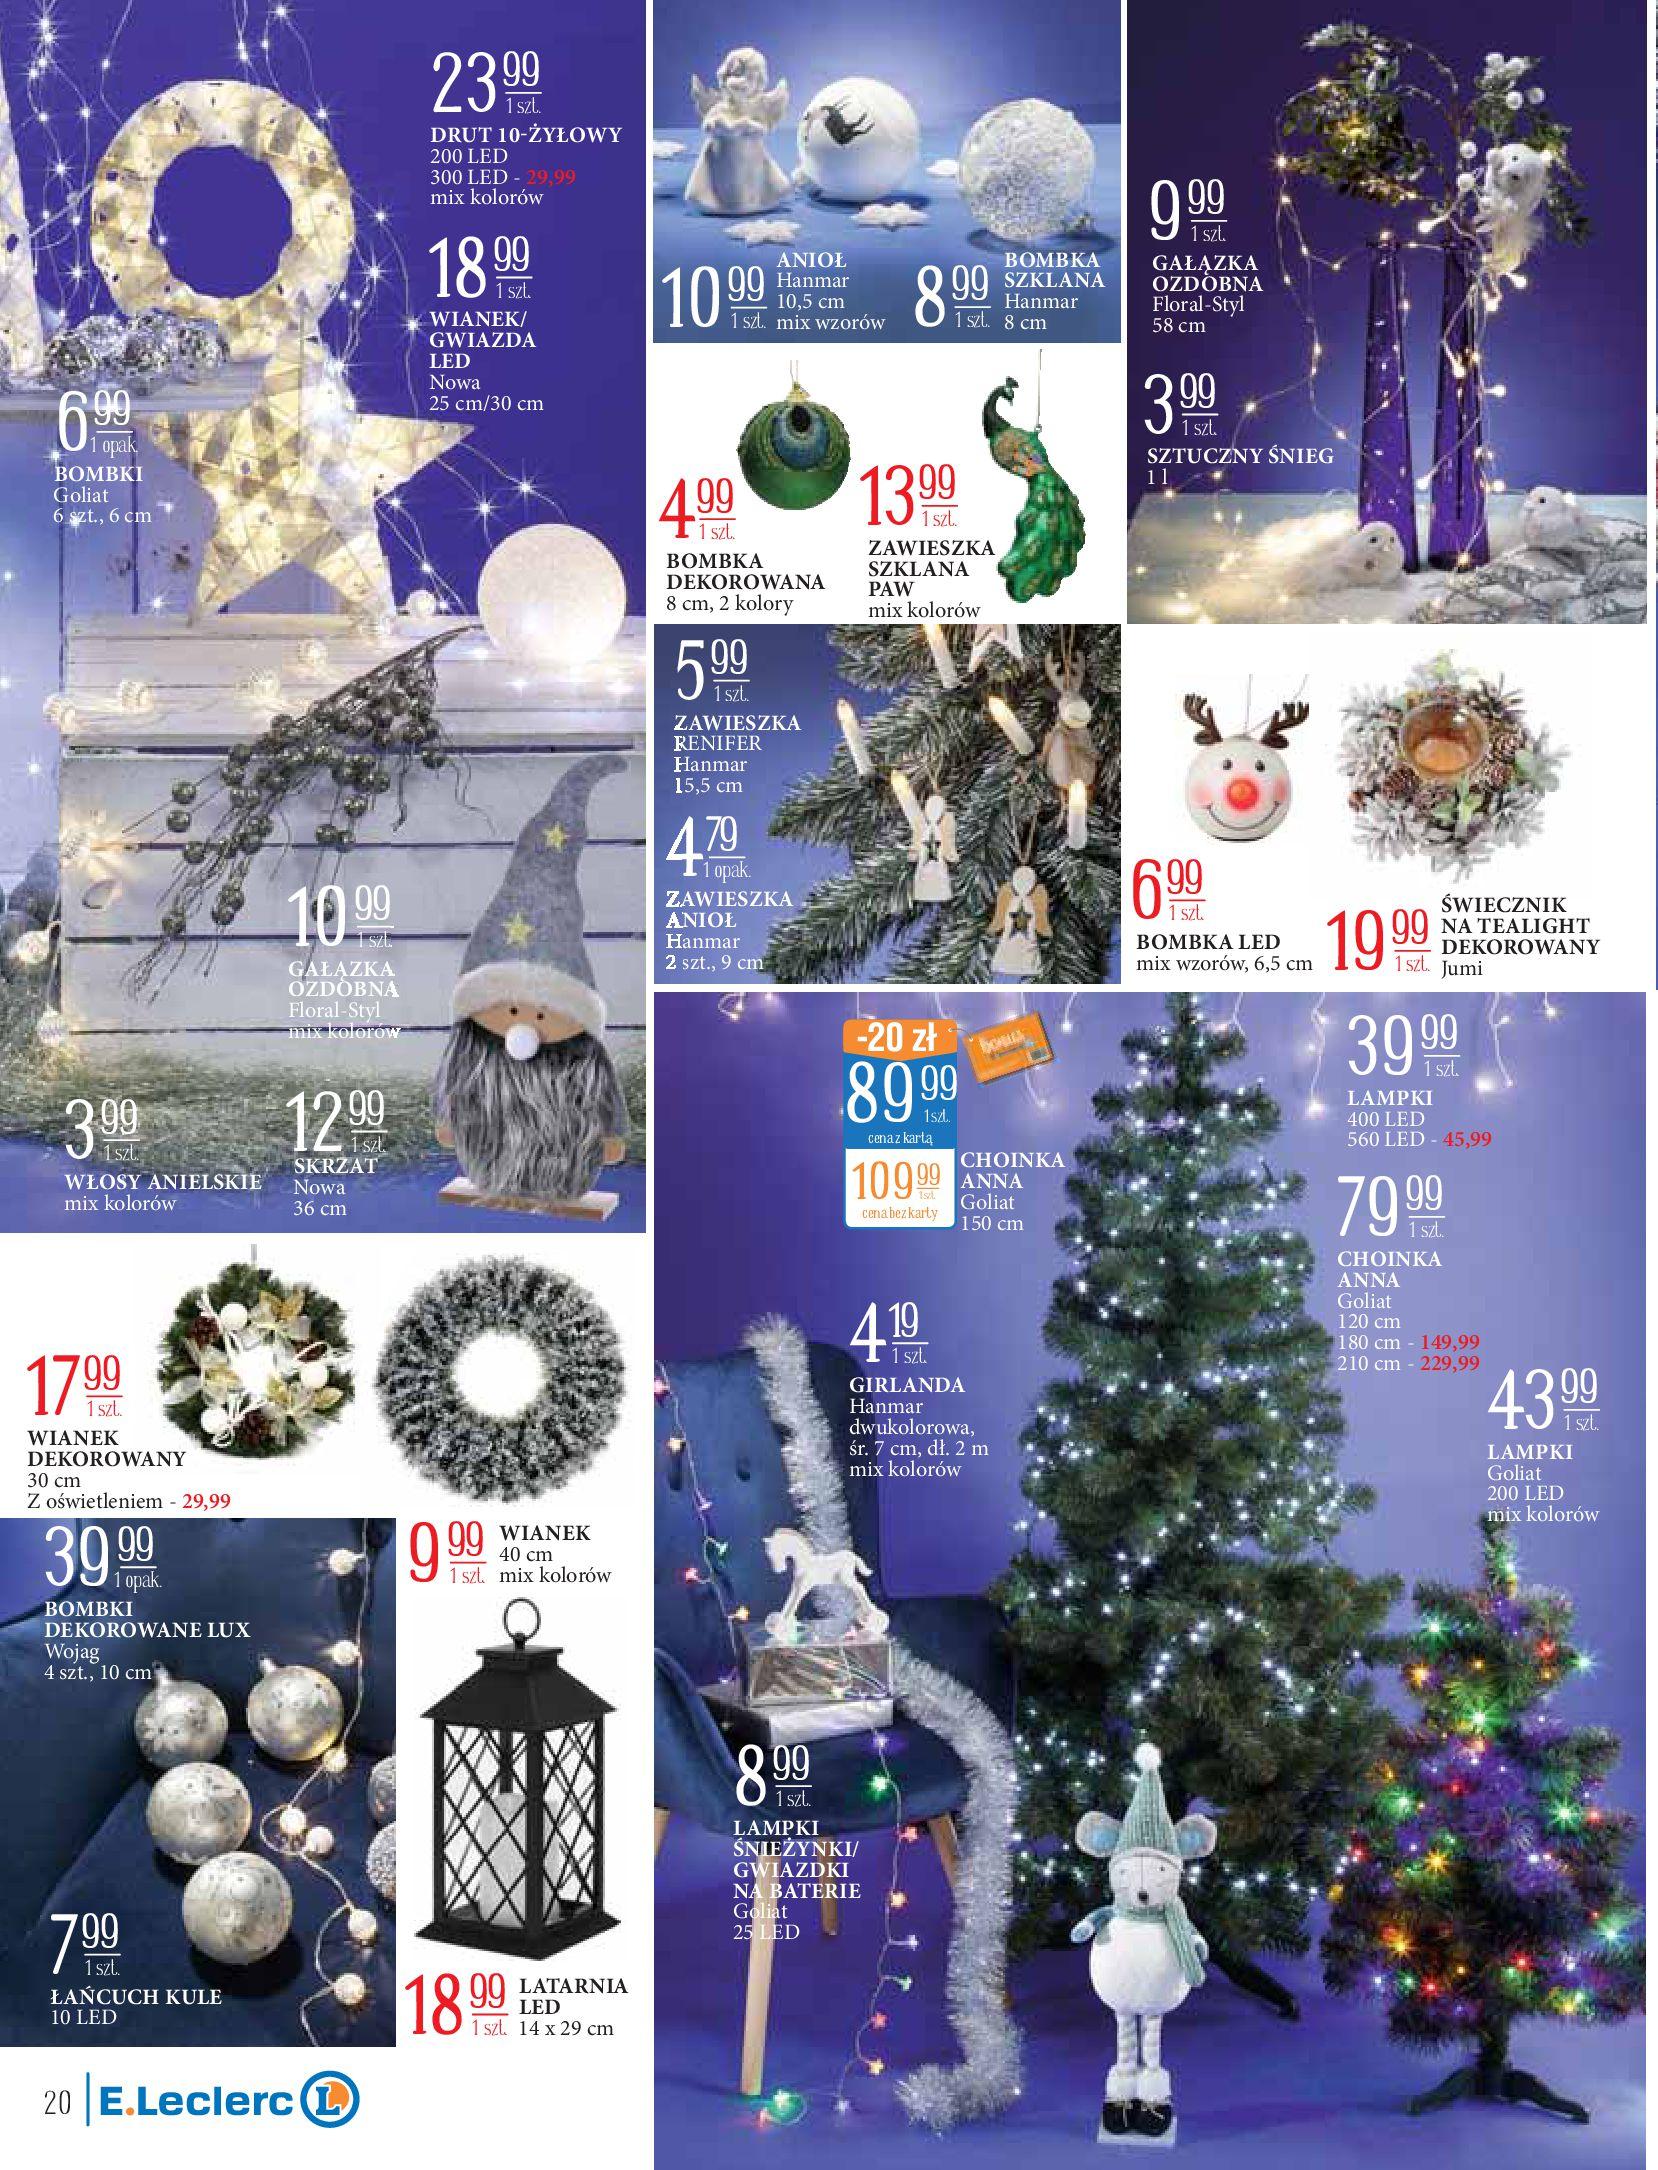 Gazetka E.Leclerc: Świat zabawek i dekoracji 2020-11-10 page-20